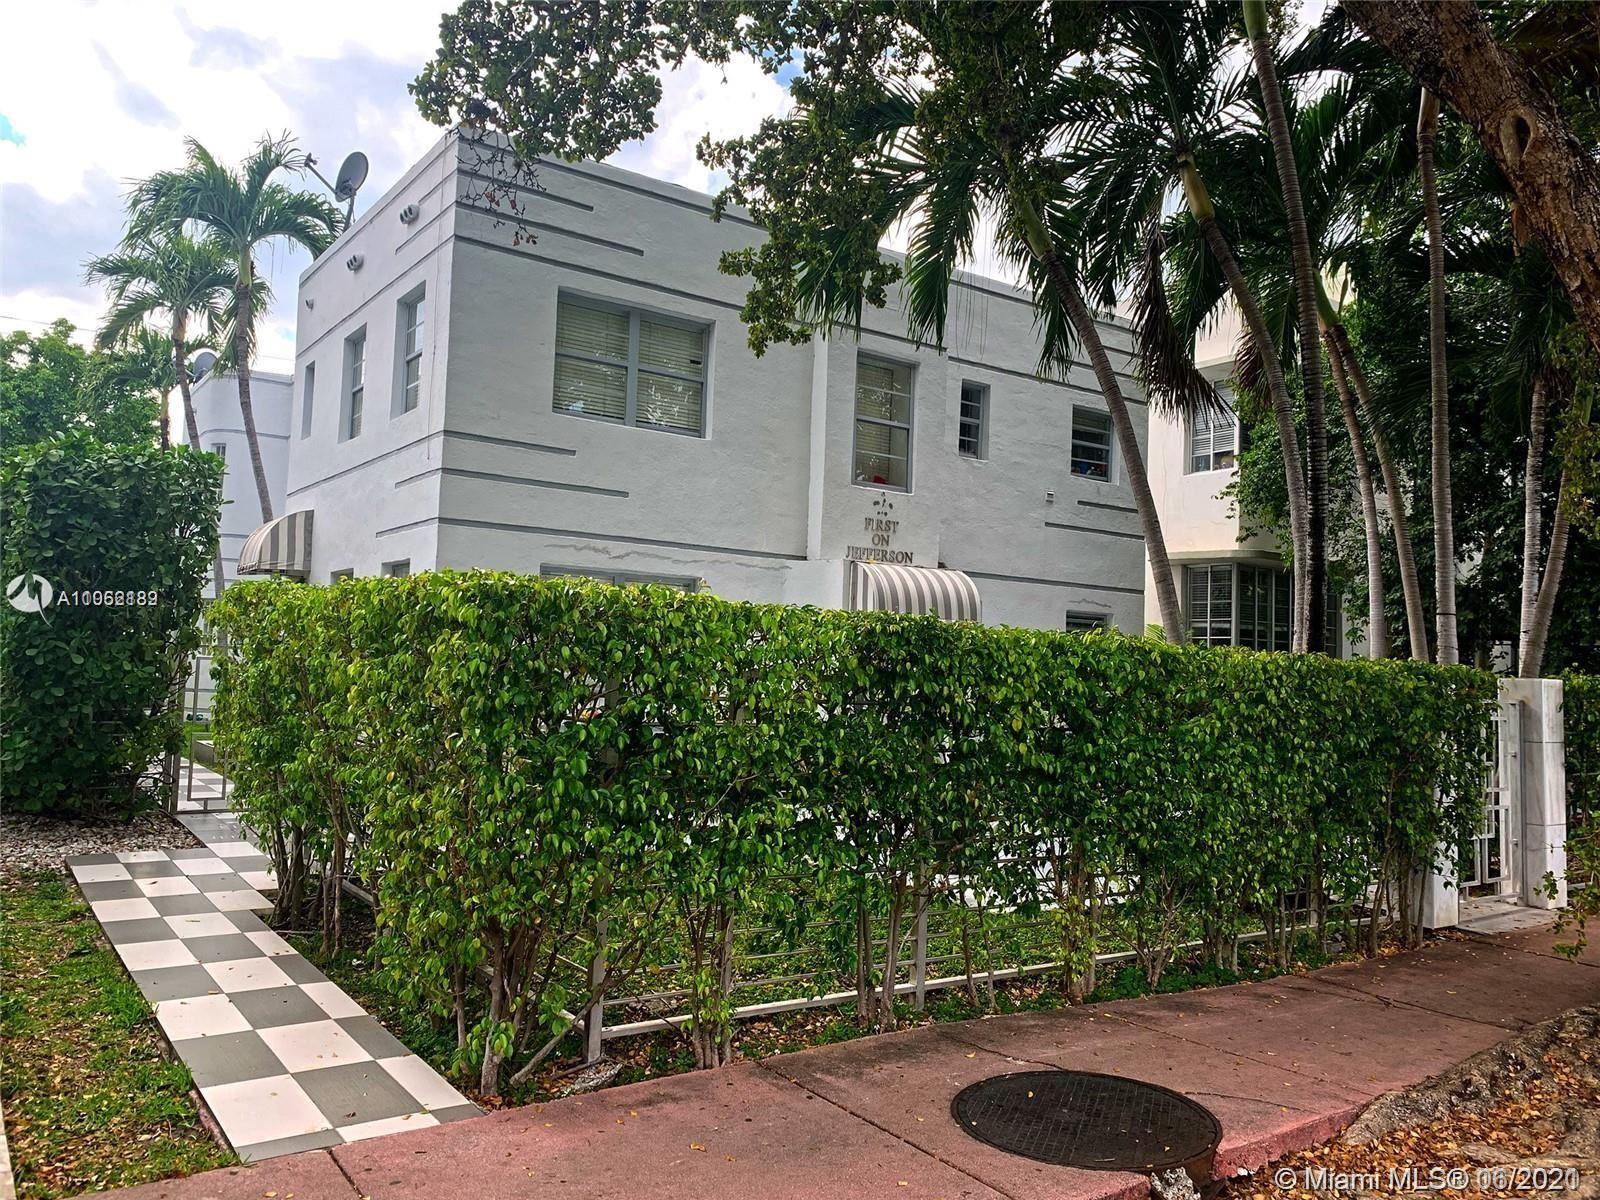 928 Jefferson Ave #8, Miami Beach, FL 33139 - #: A11062189